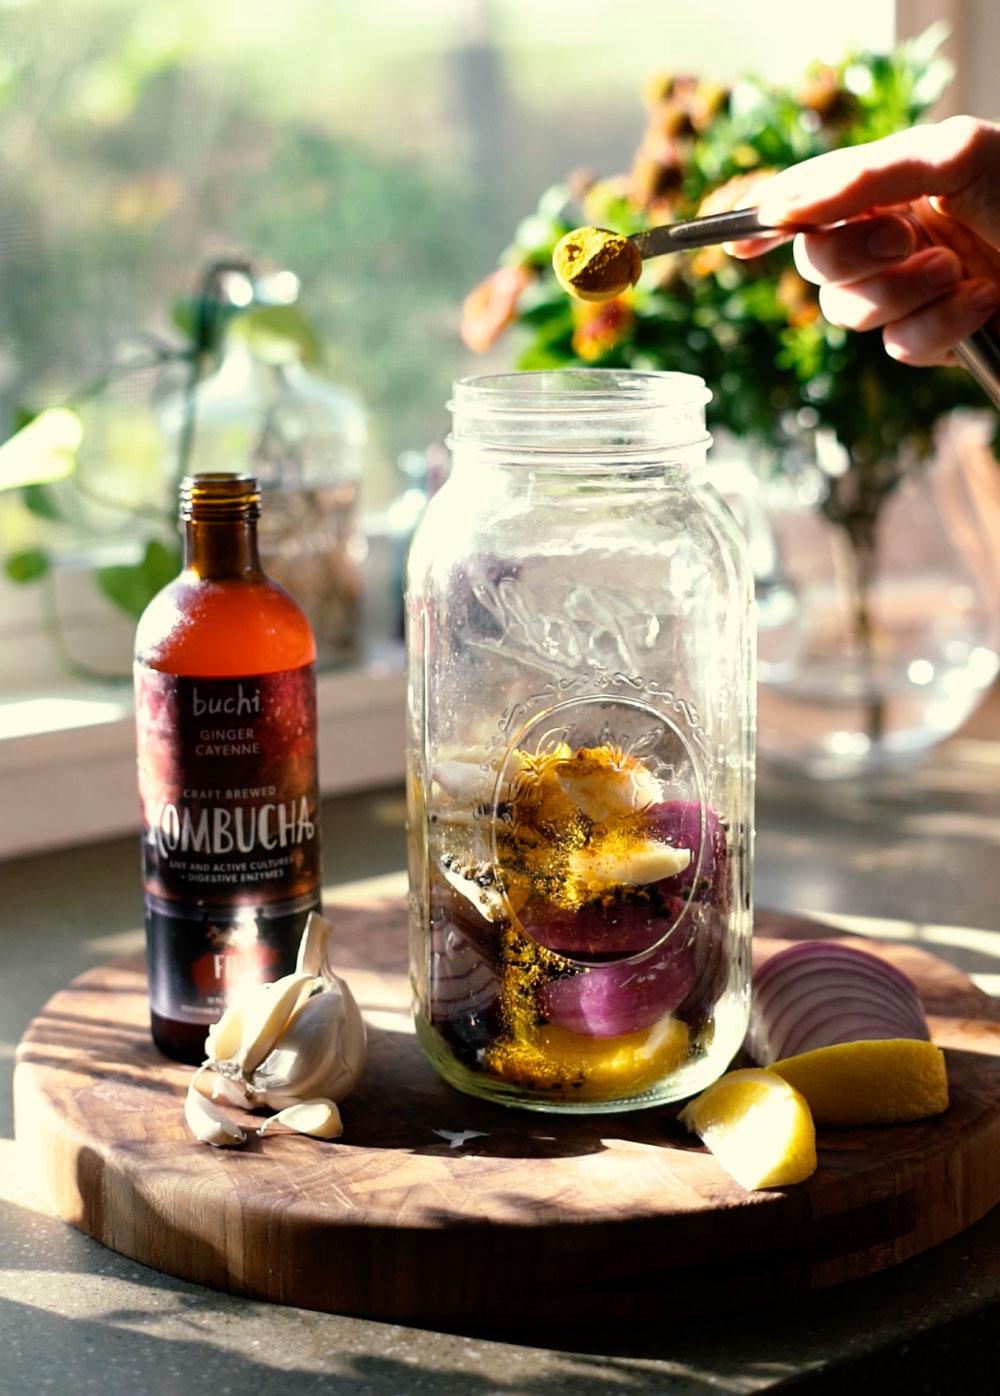 Buchi Fire Cider